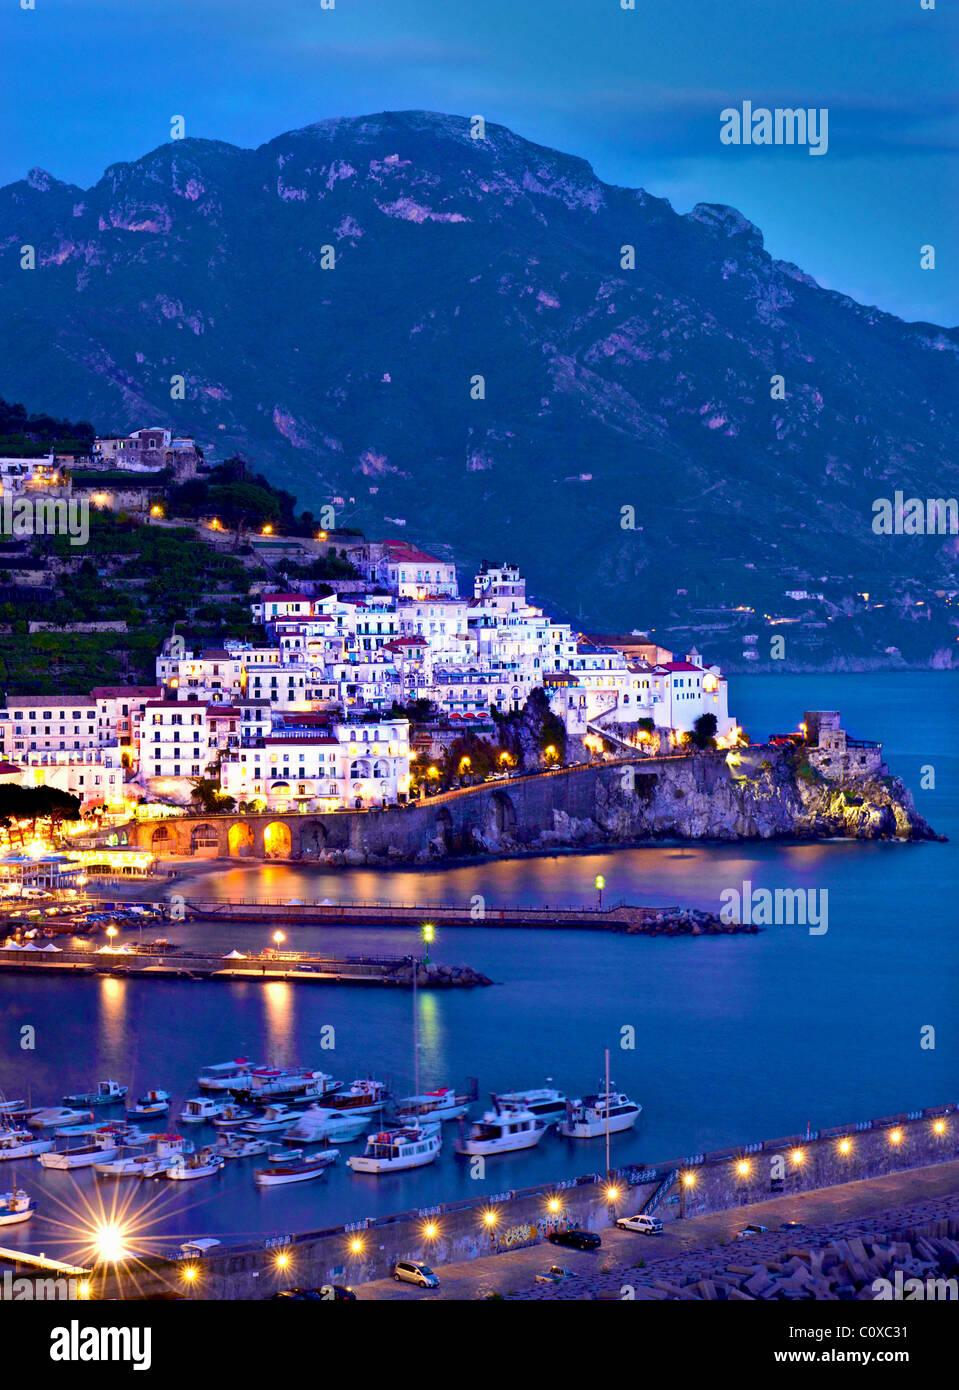 Amalfi,coast,night.Italy - Stock Image